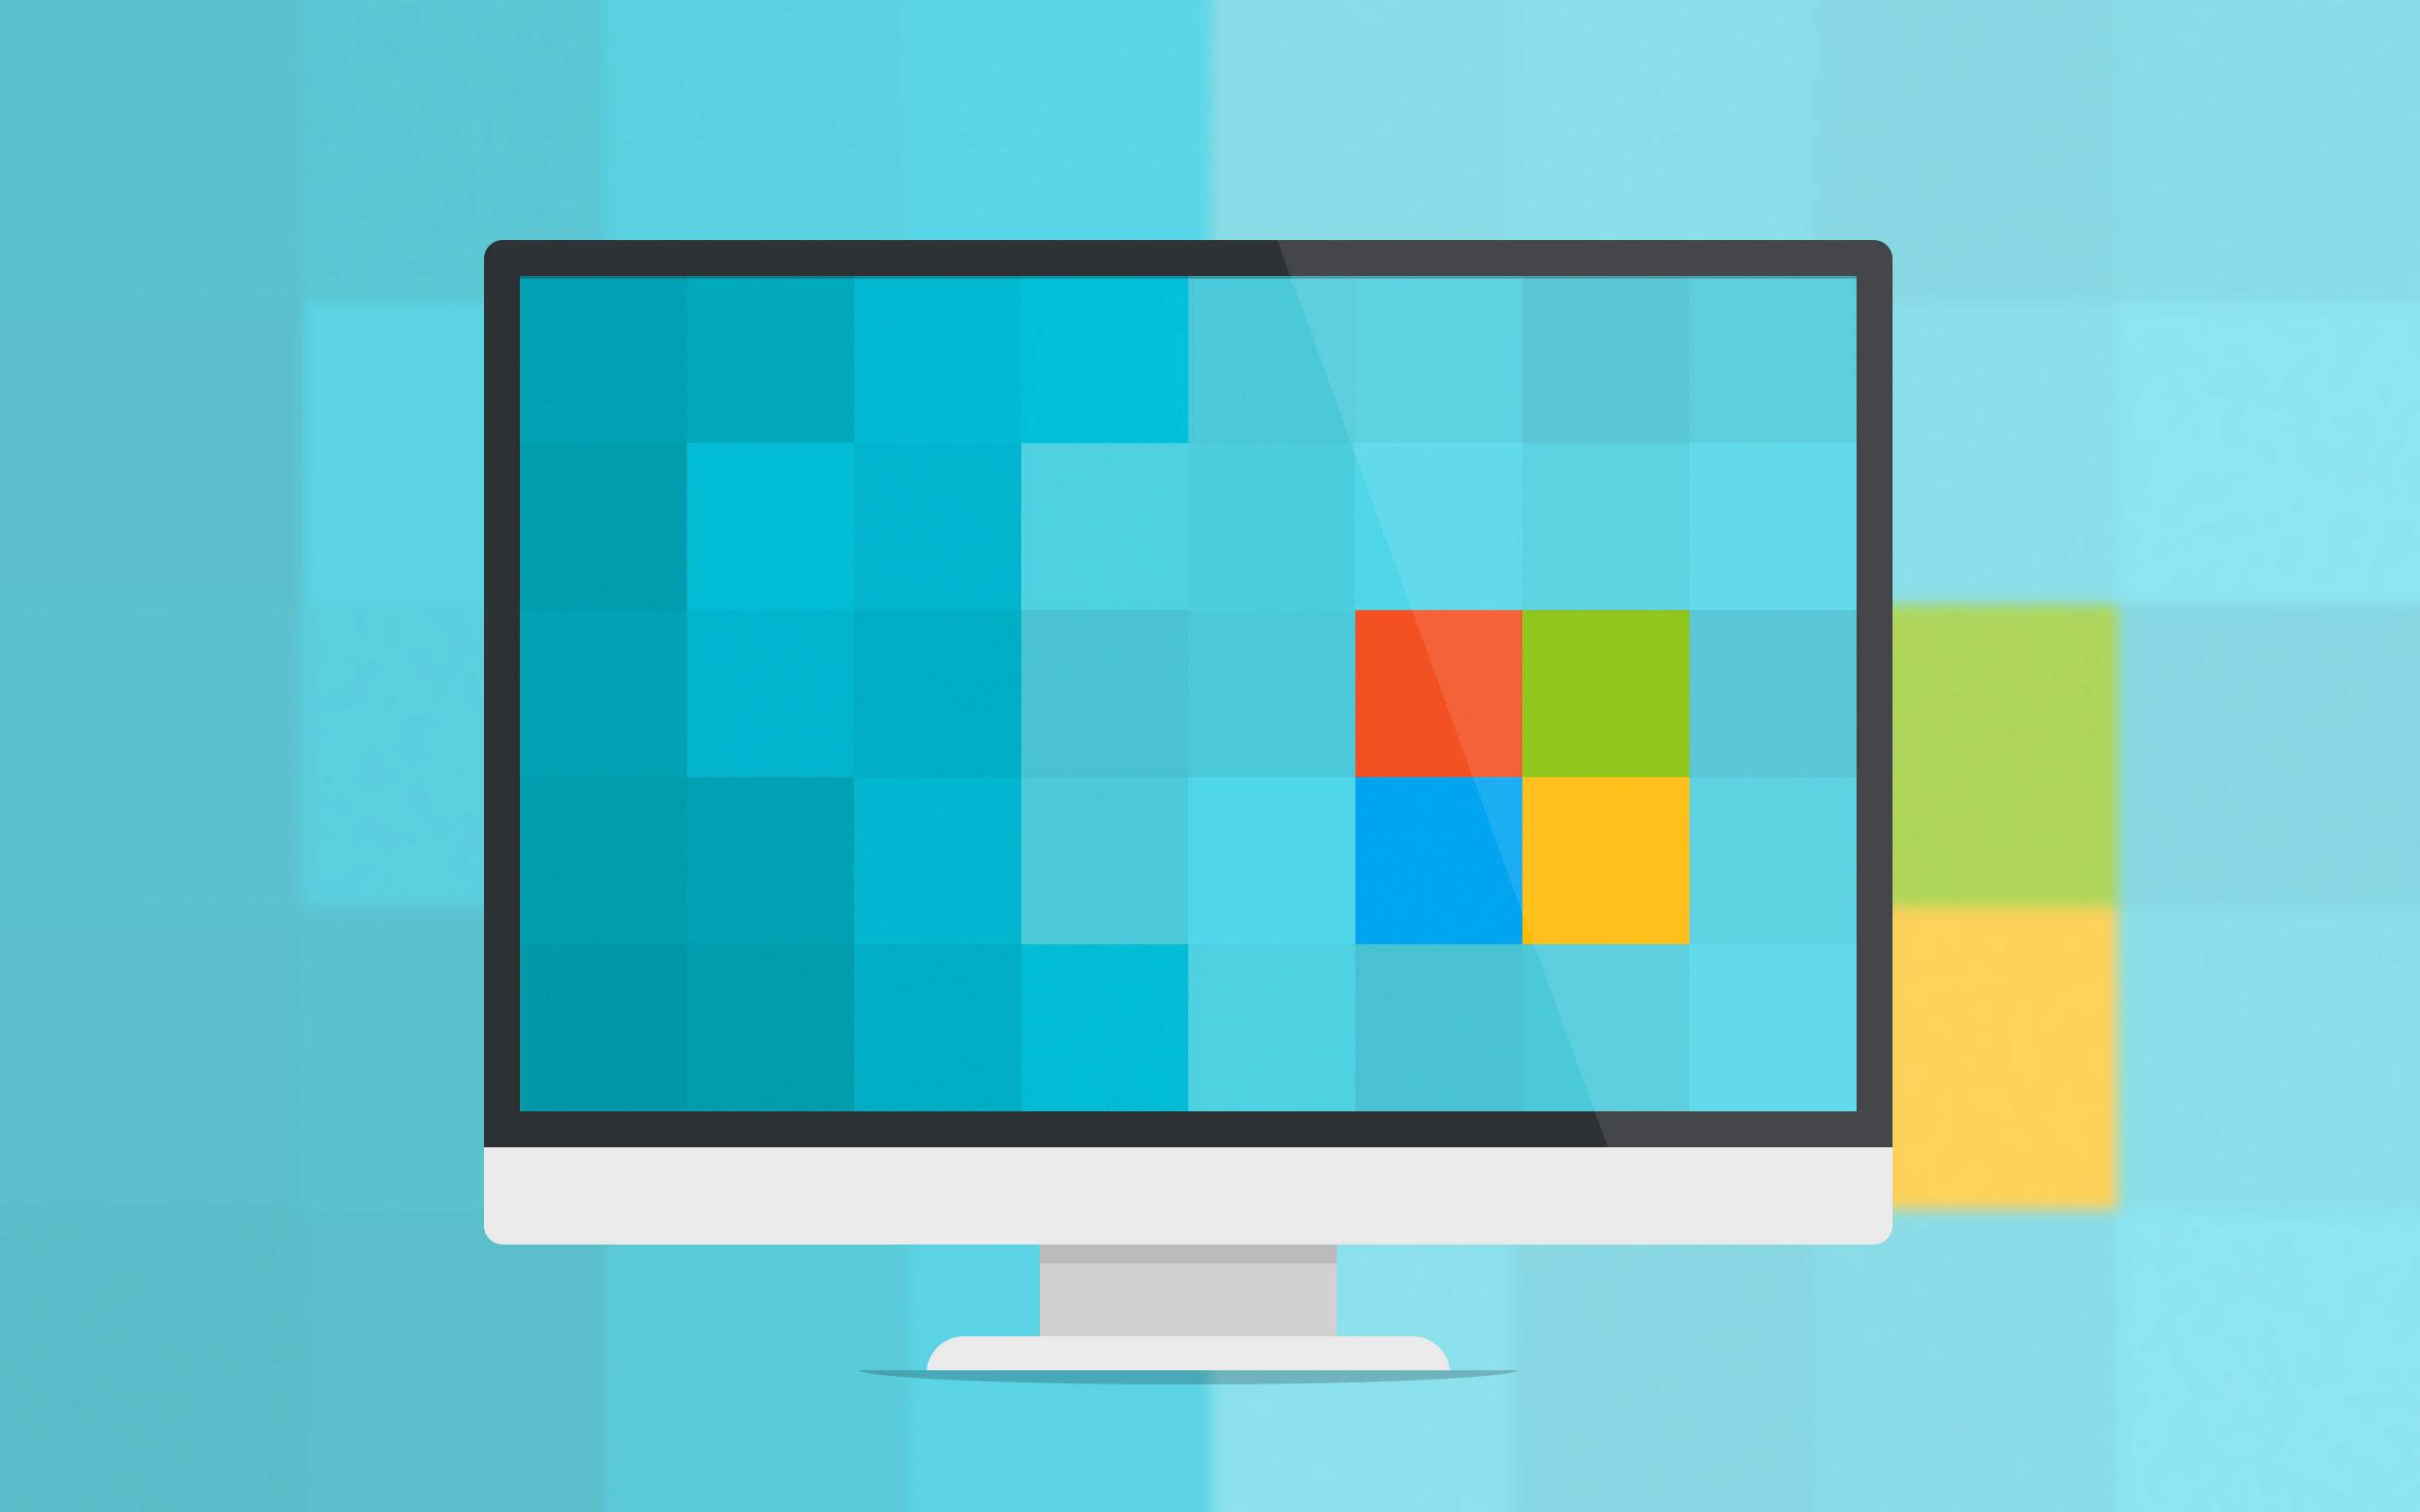 Windows 10 Minimal Wallpaper   HD Wallpapers 2560x1600